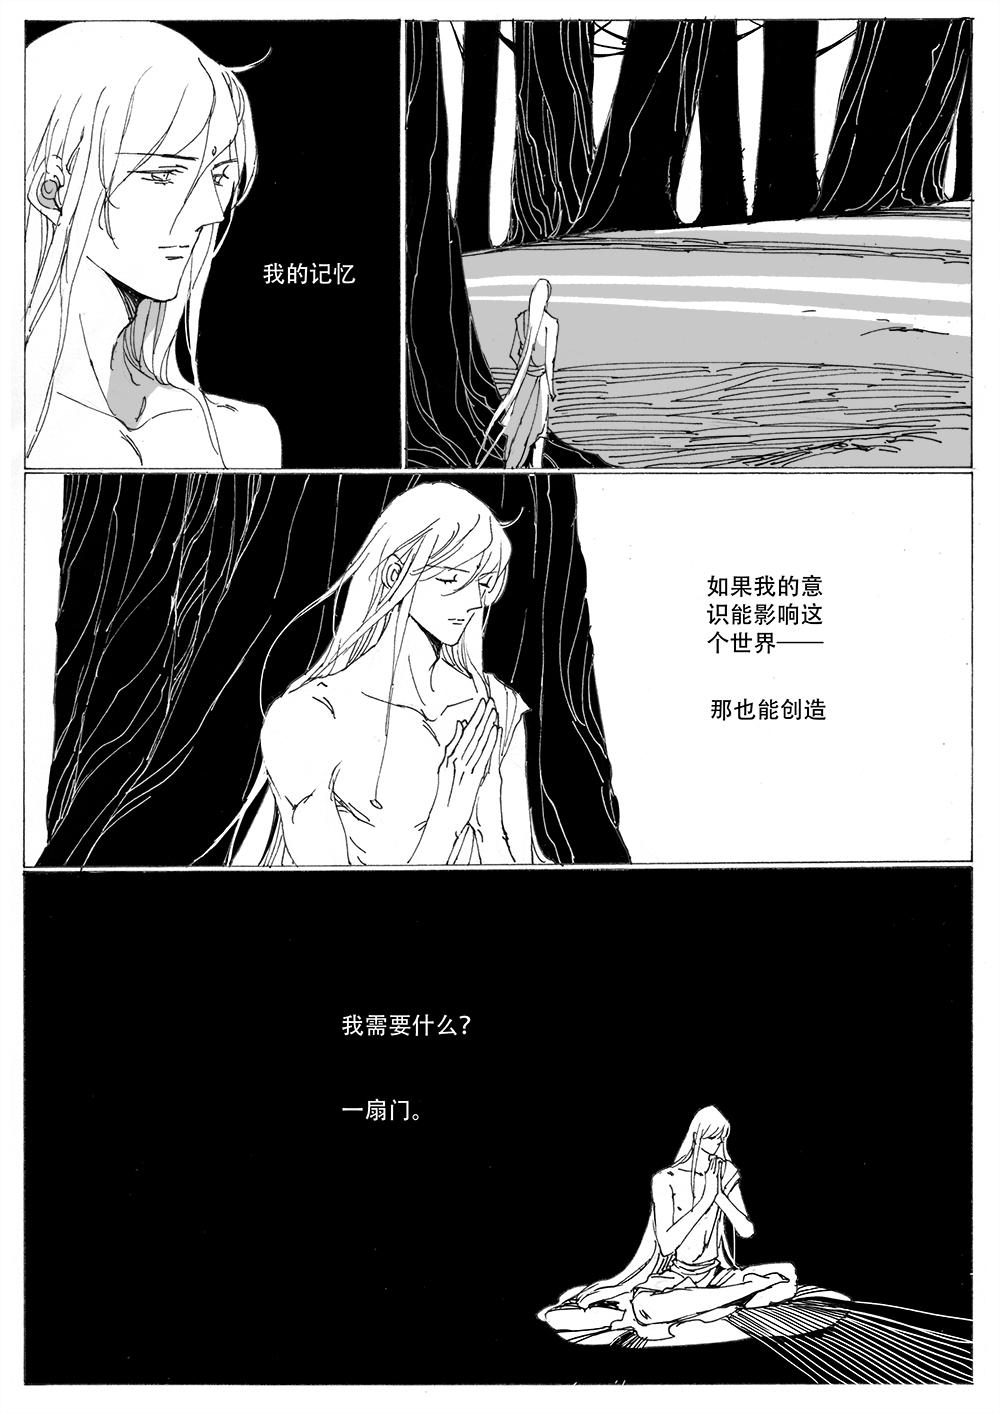 永生河19